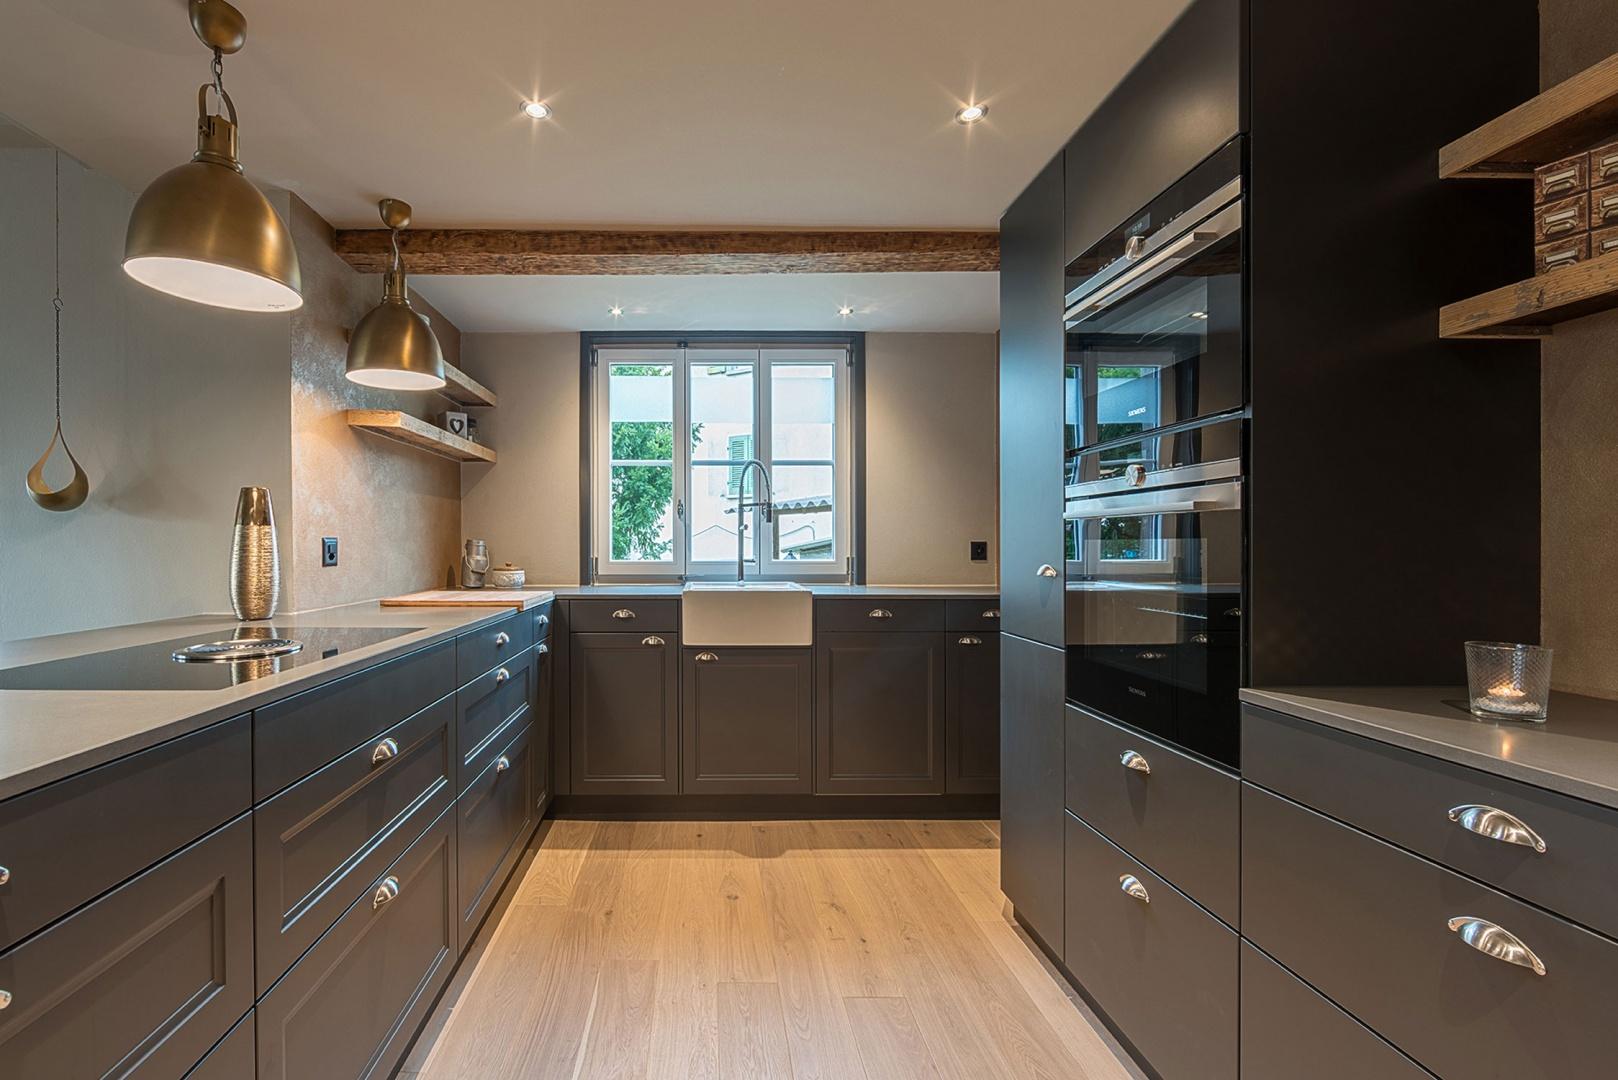 Küche Einsicht EG © Dever GmbH, Le-Corbusier-Platz 6, 3027 Bern